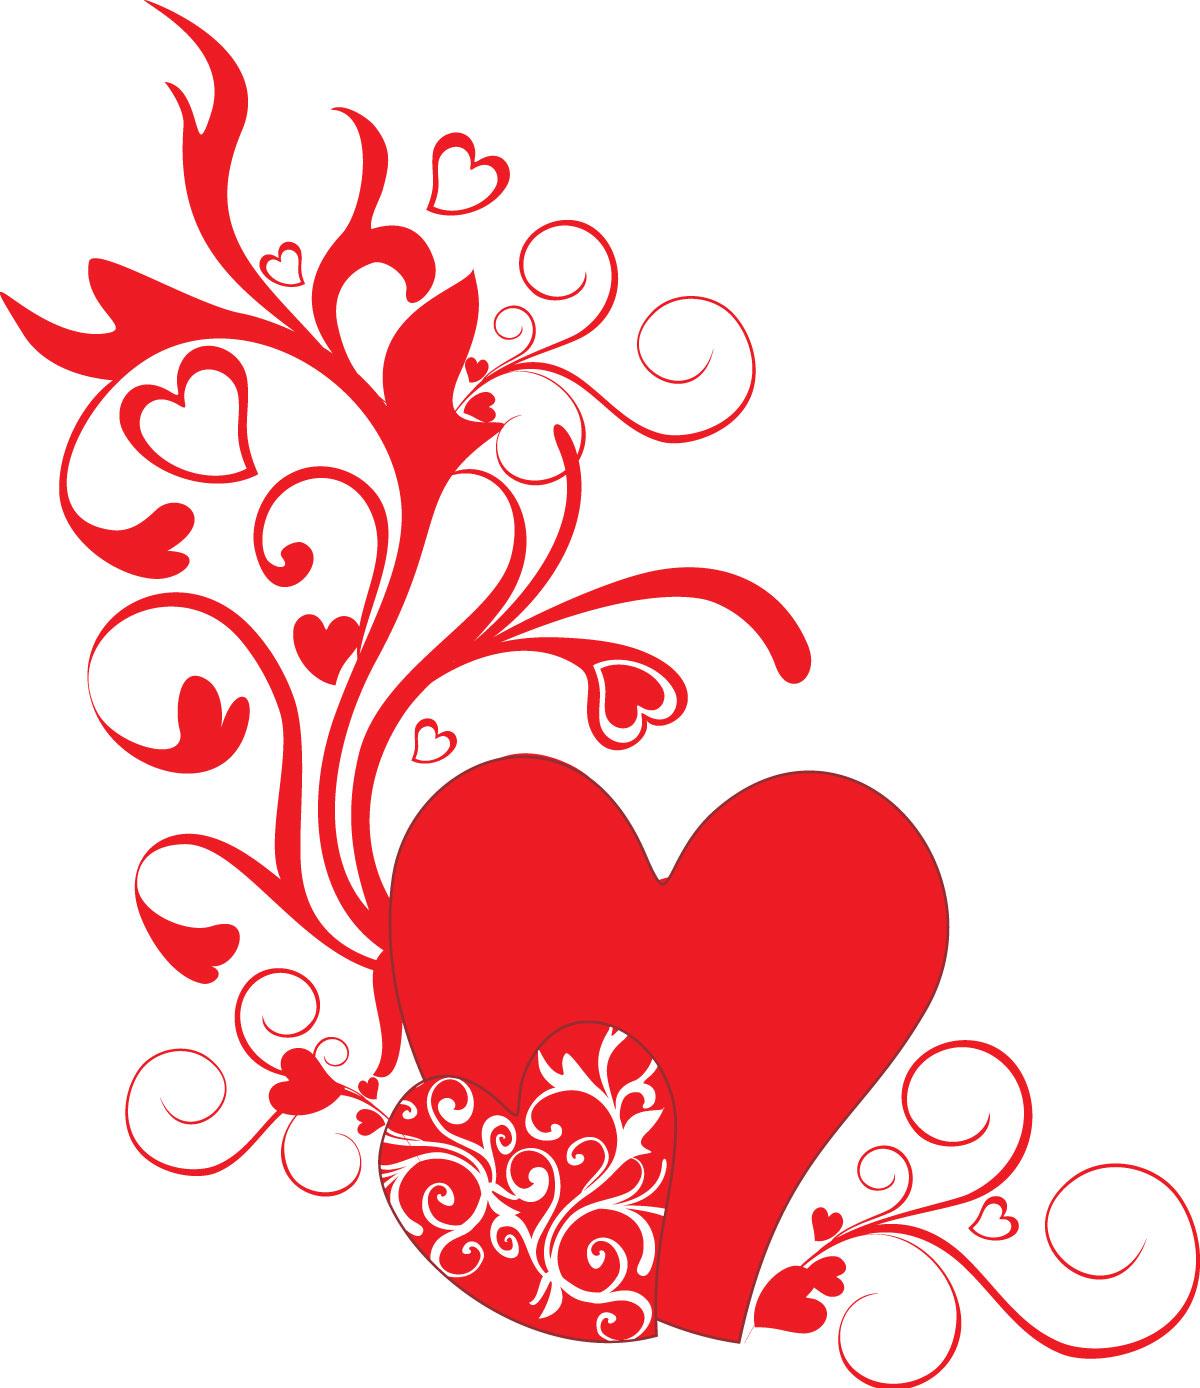 Рисуй на моем сердце узоры картинки